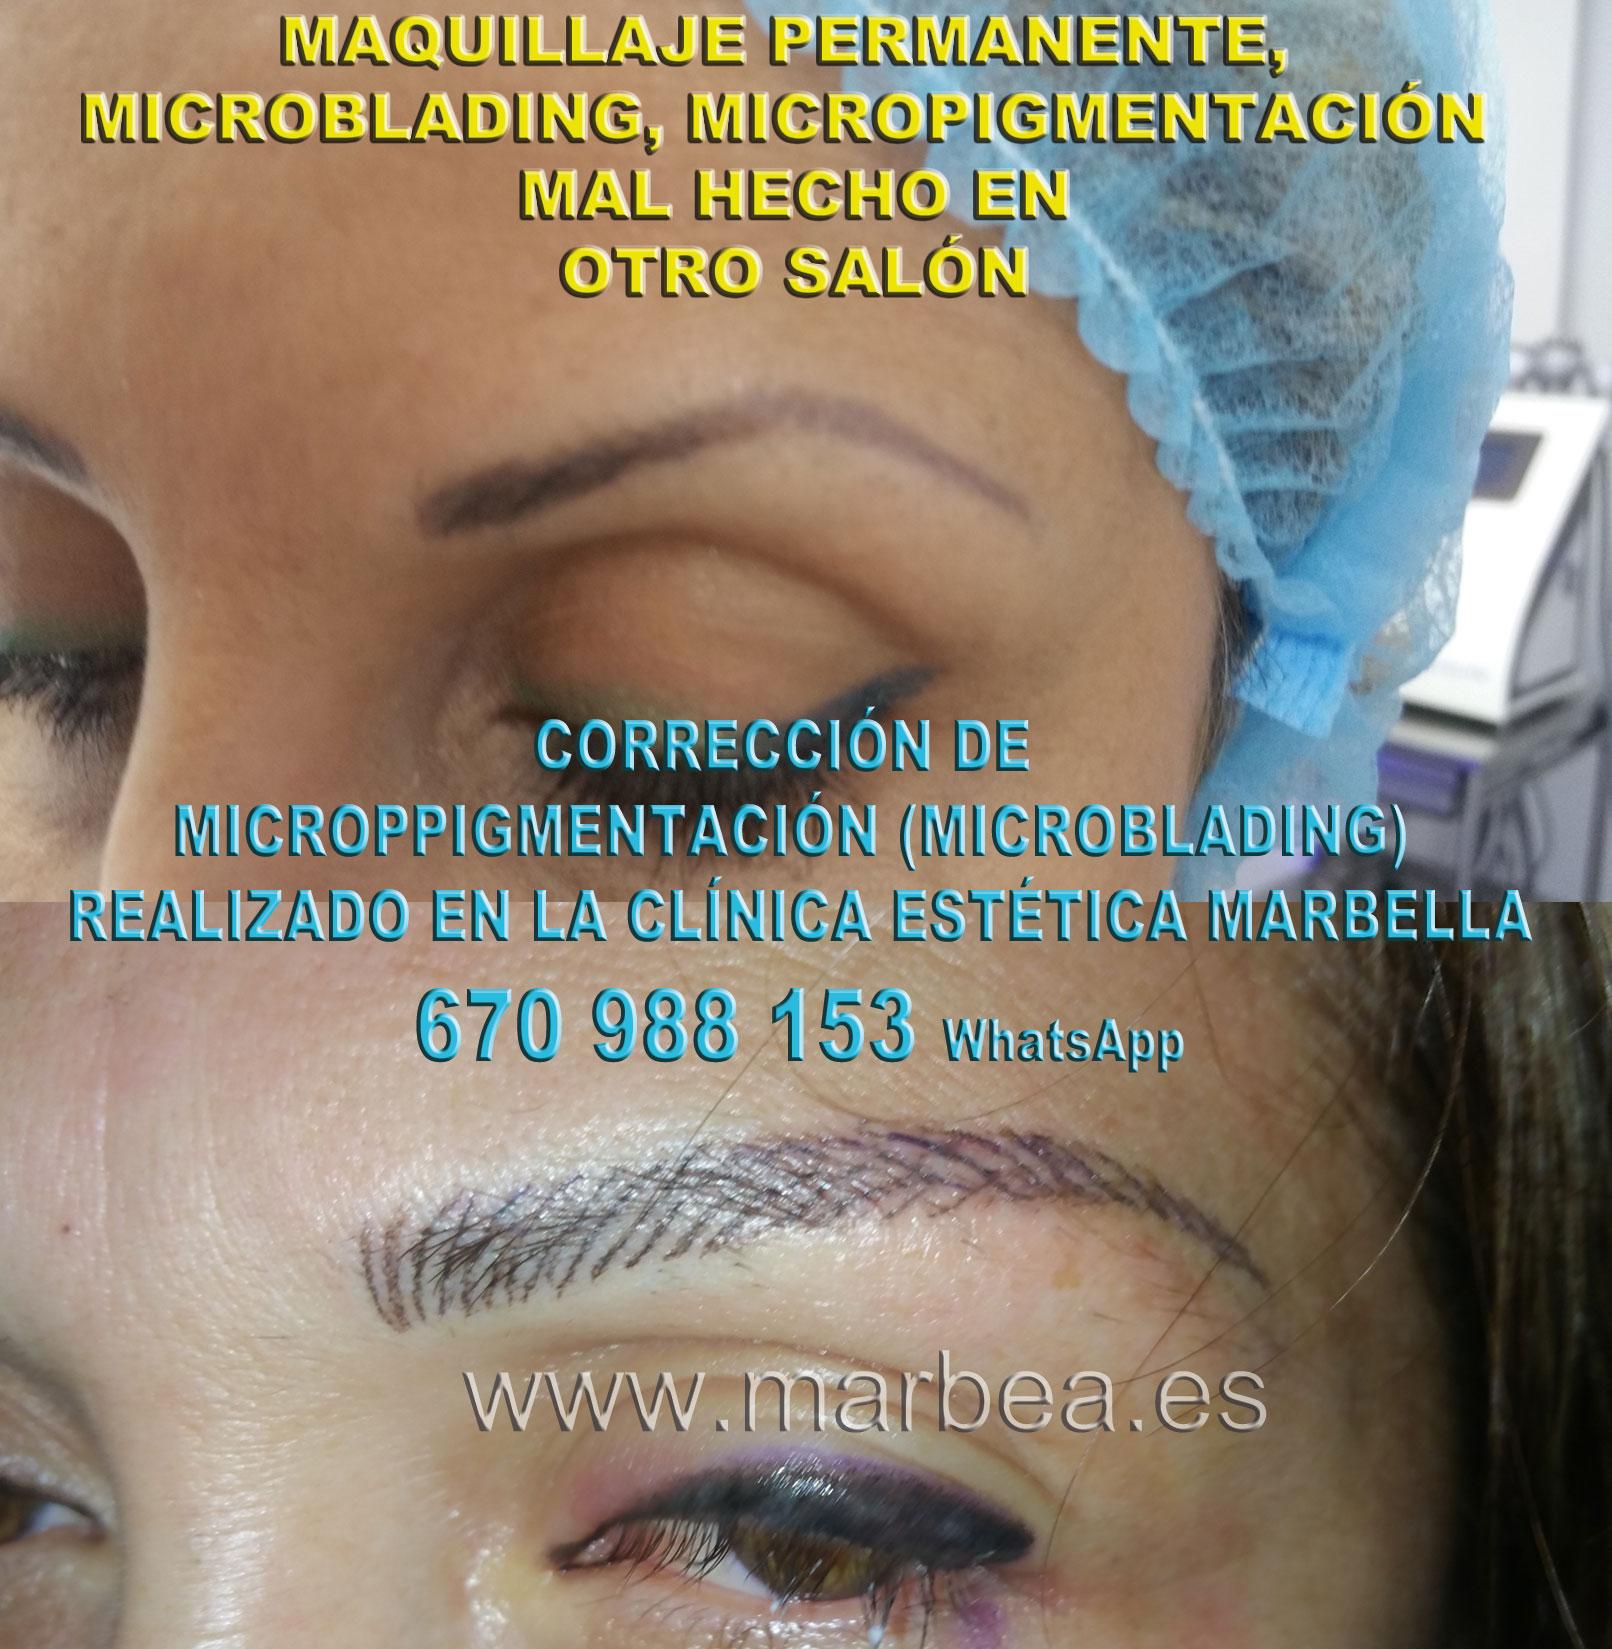 MAQUILLAJE PERMANENTE CEJAS MAL HECHO clínica estética tatuaje propone como aclarar la micropigmentación cejas,corregir micropigmentación mal hecha